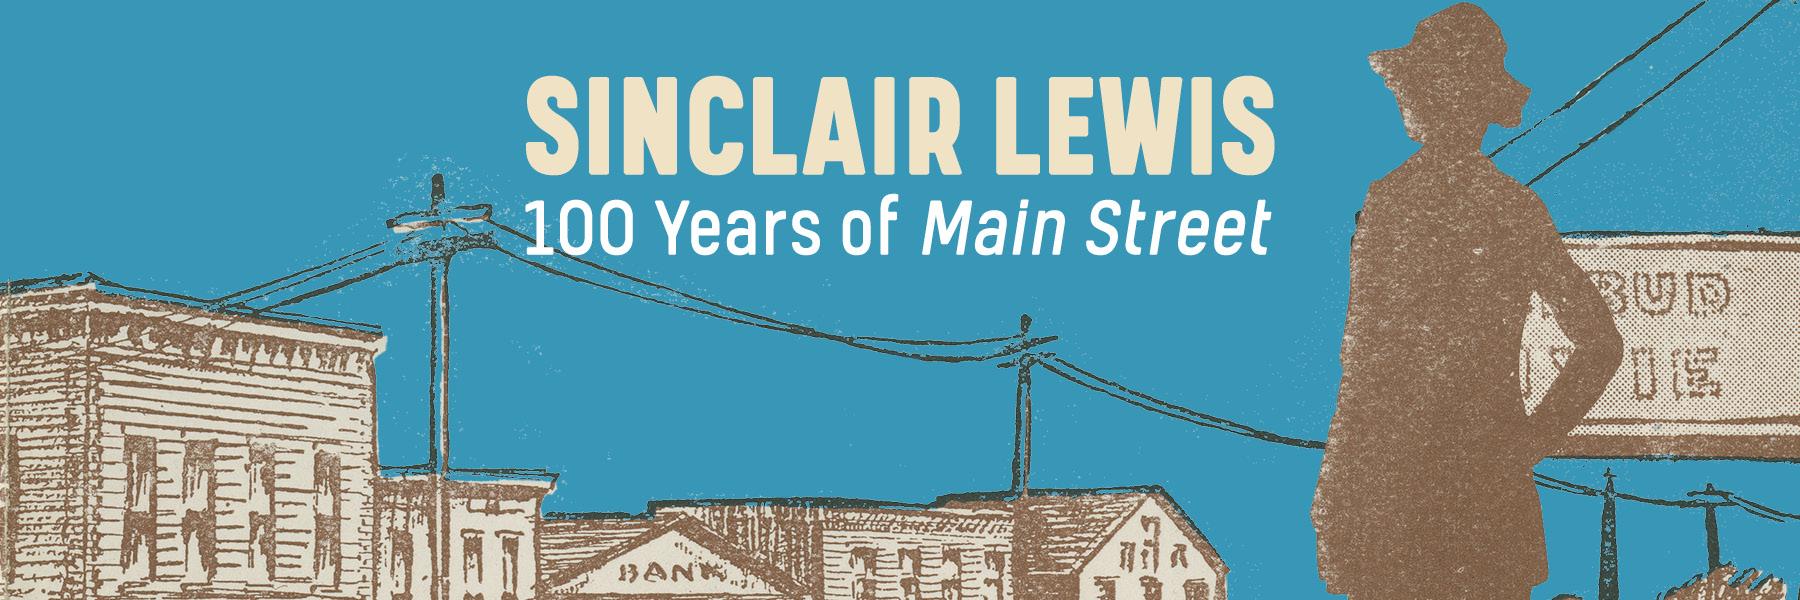 Sinclair Lewis 100 years of main street.